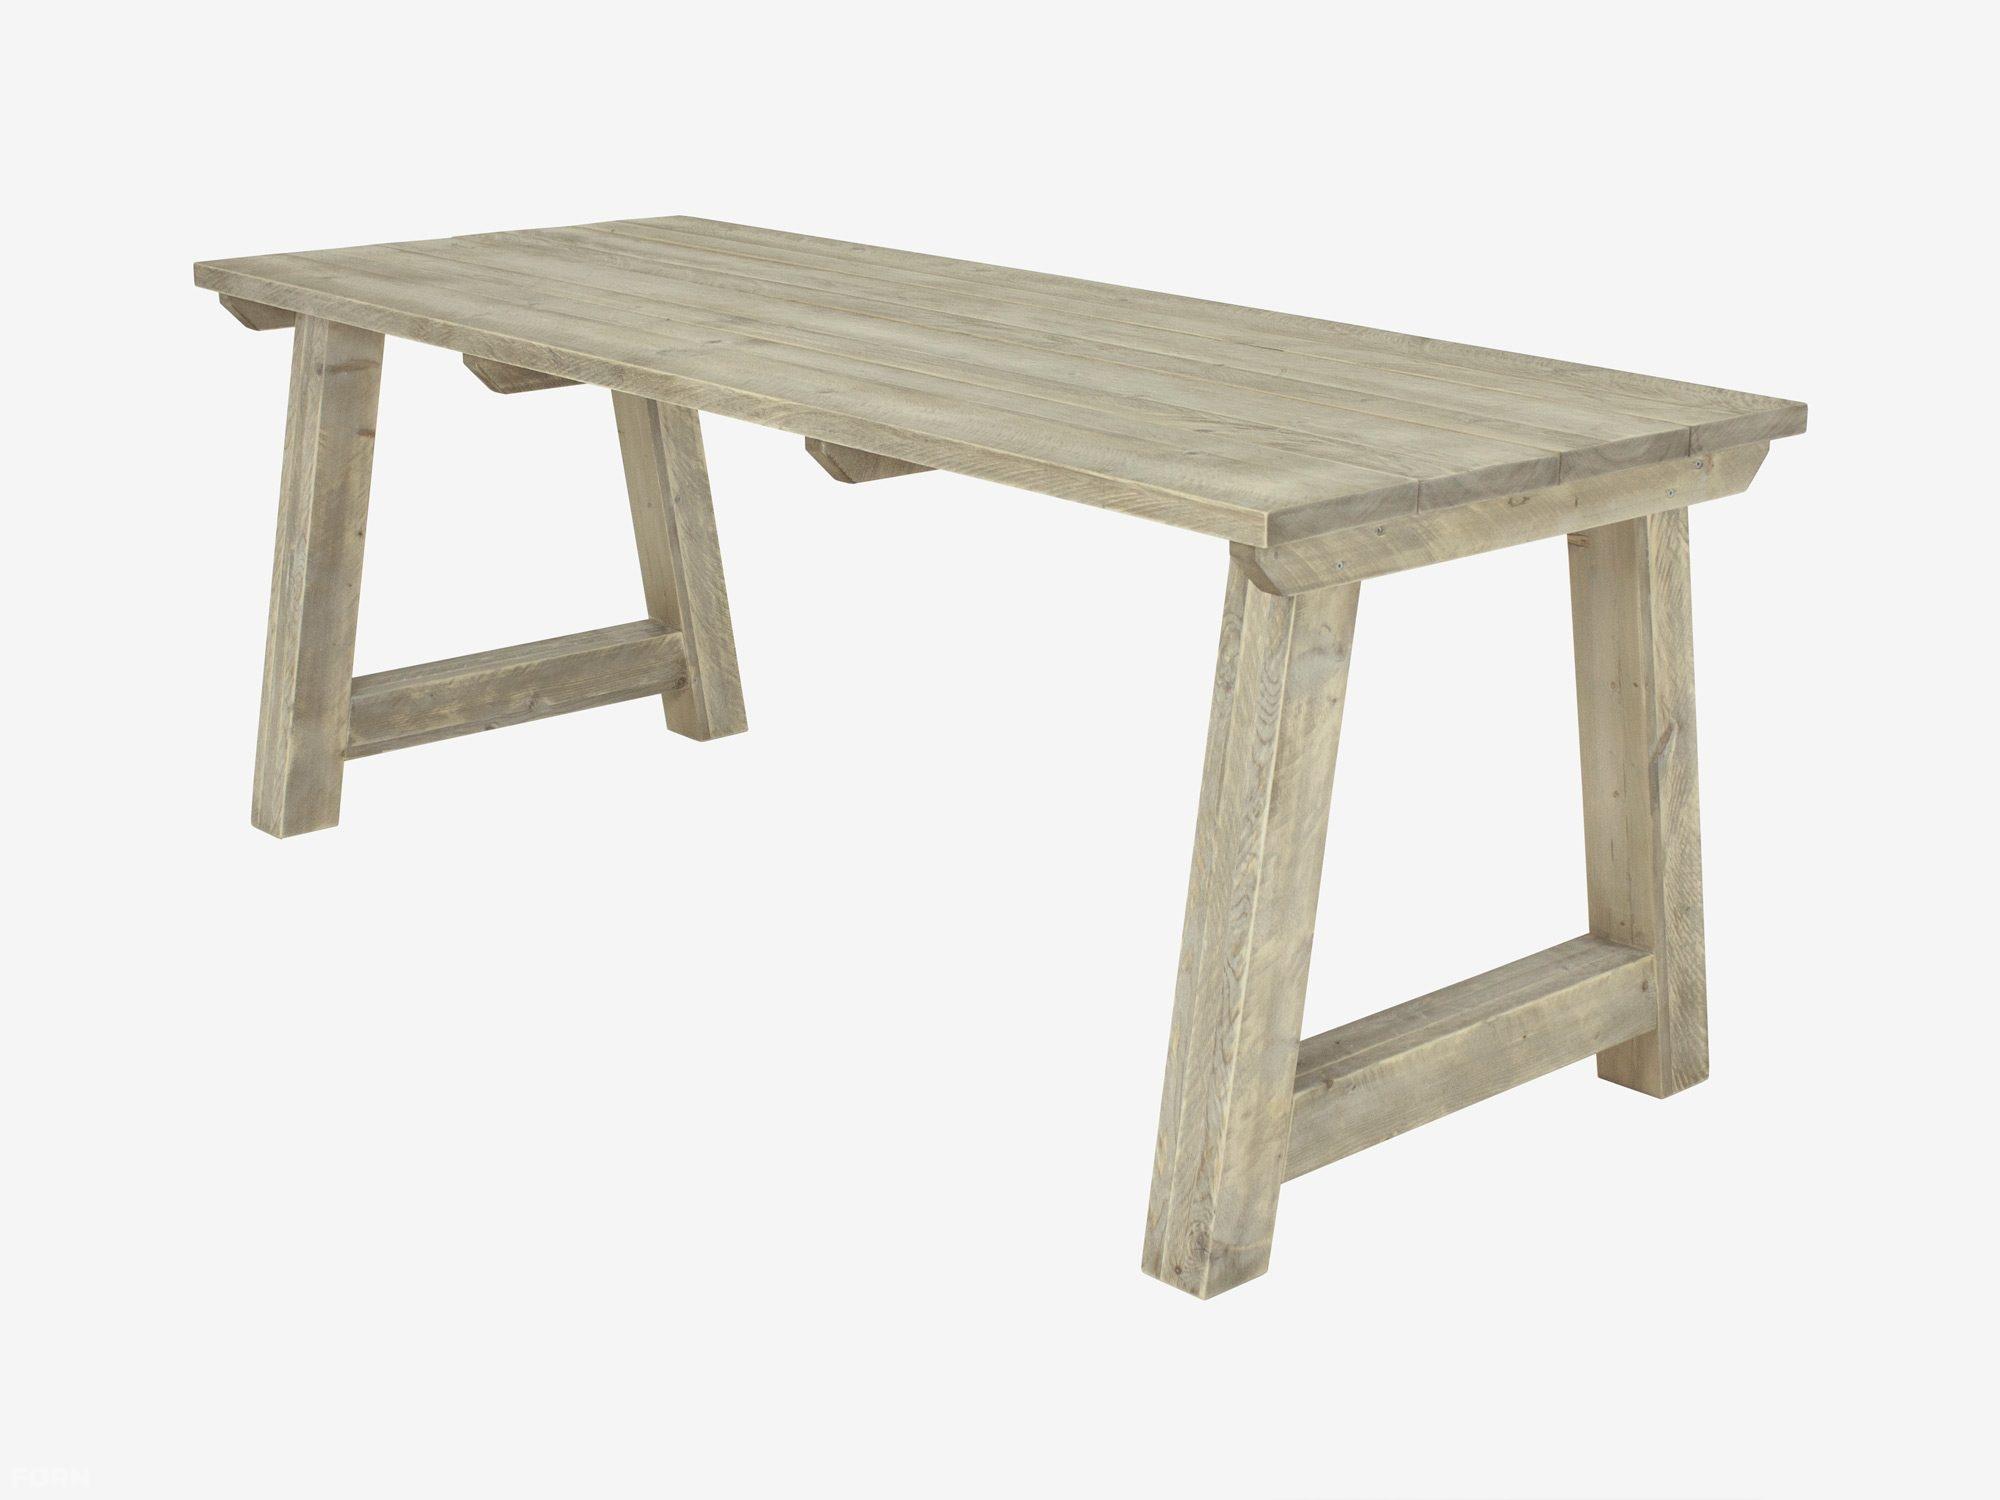 Tafel Steigerhout Goedkoop : Eetkamertafel van steigerhout steigerhoutenmeubelshop